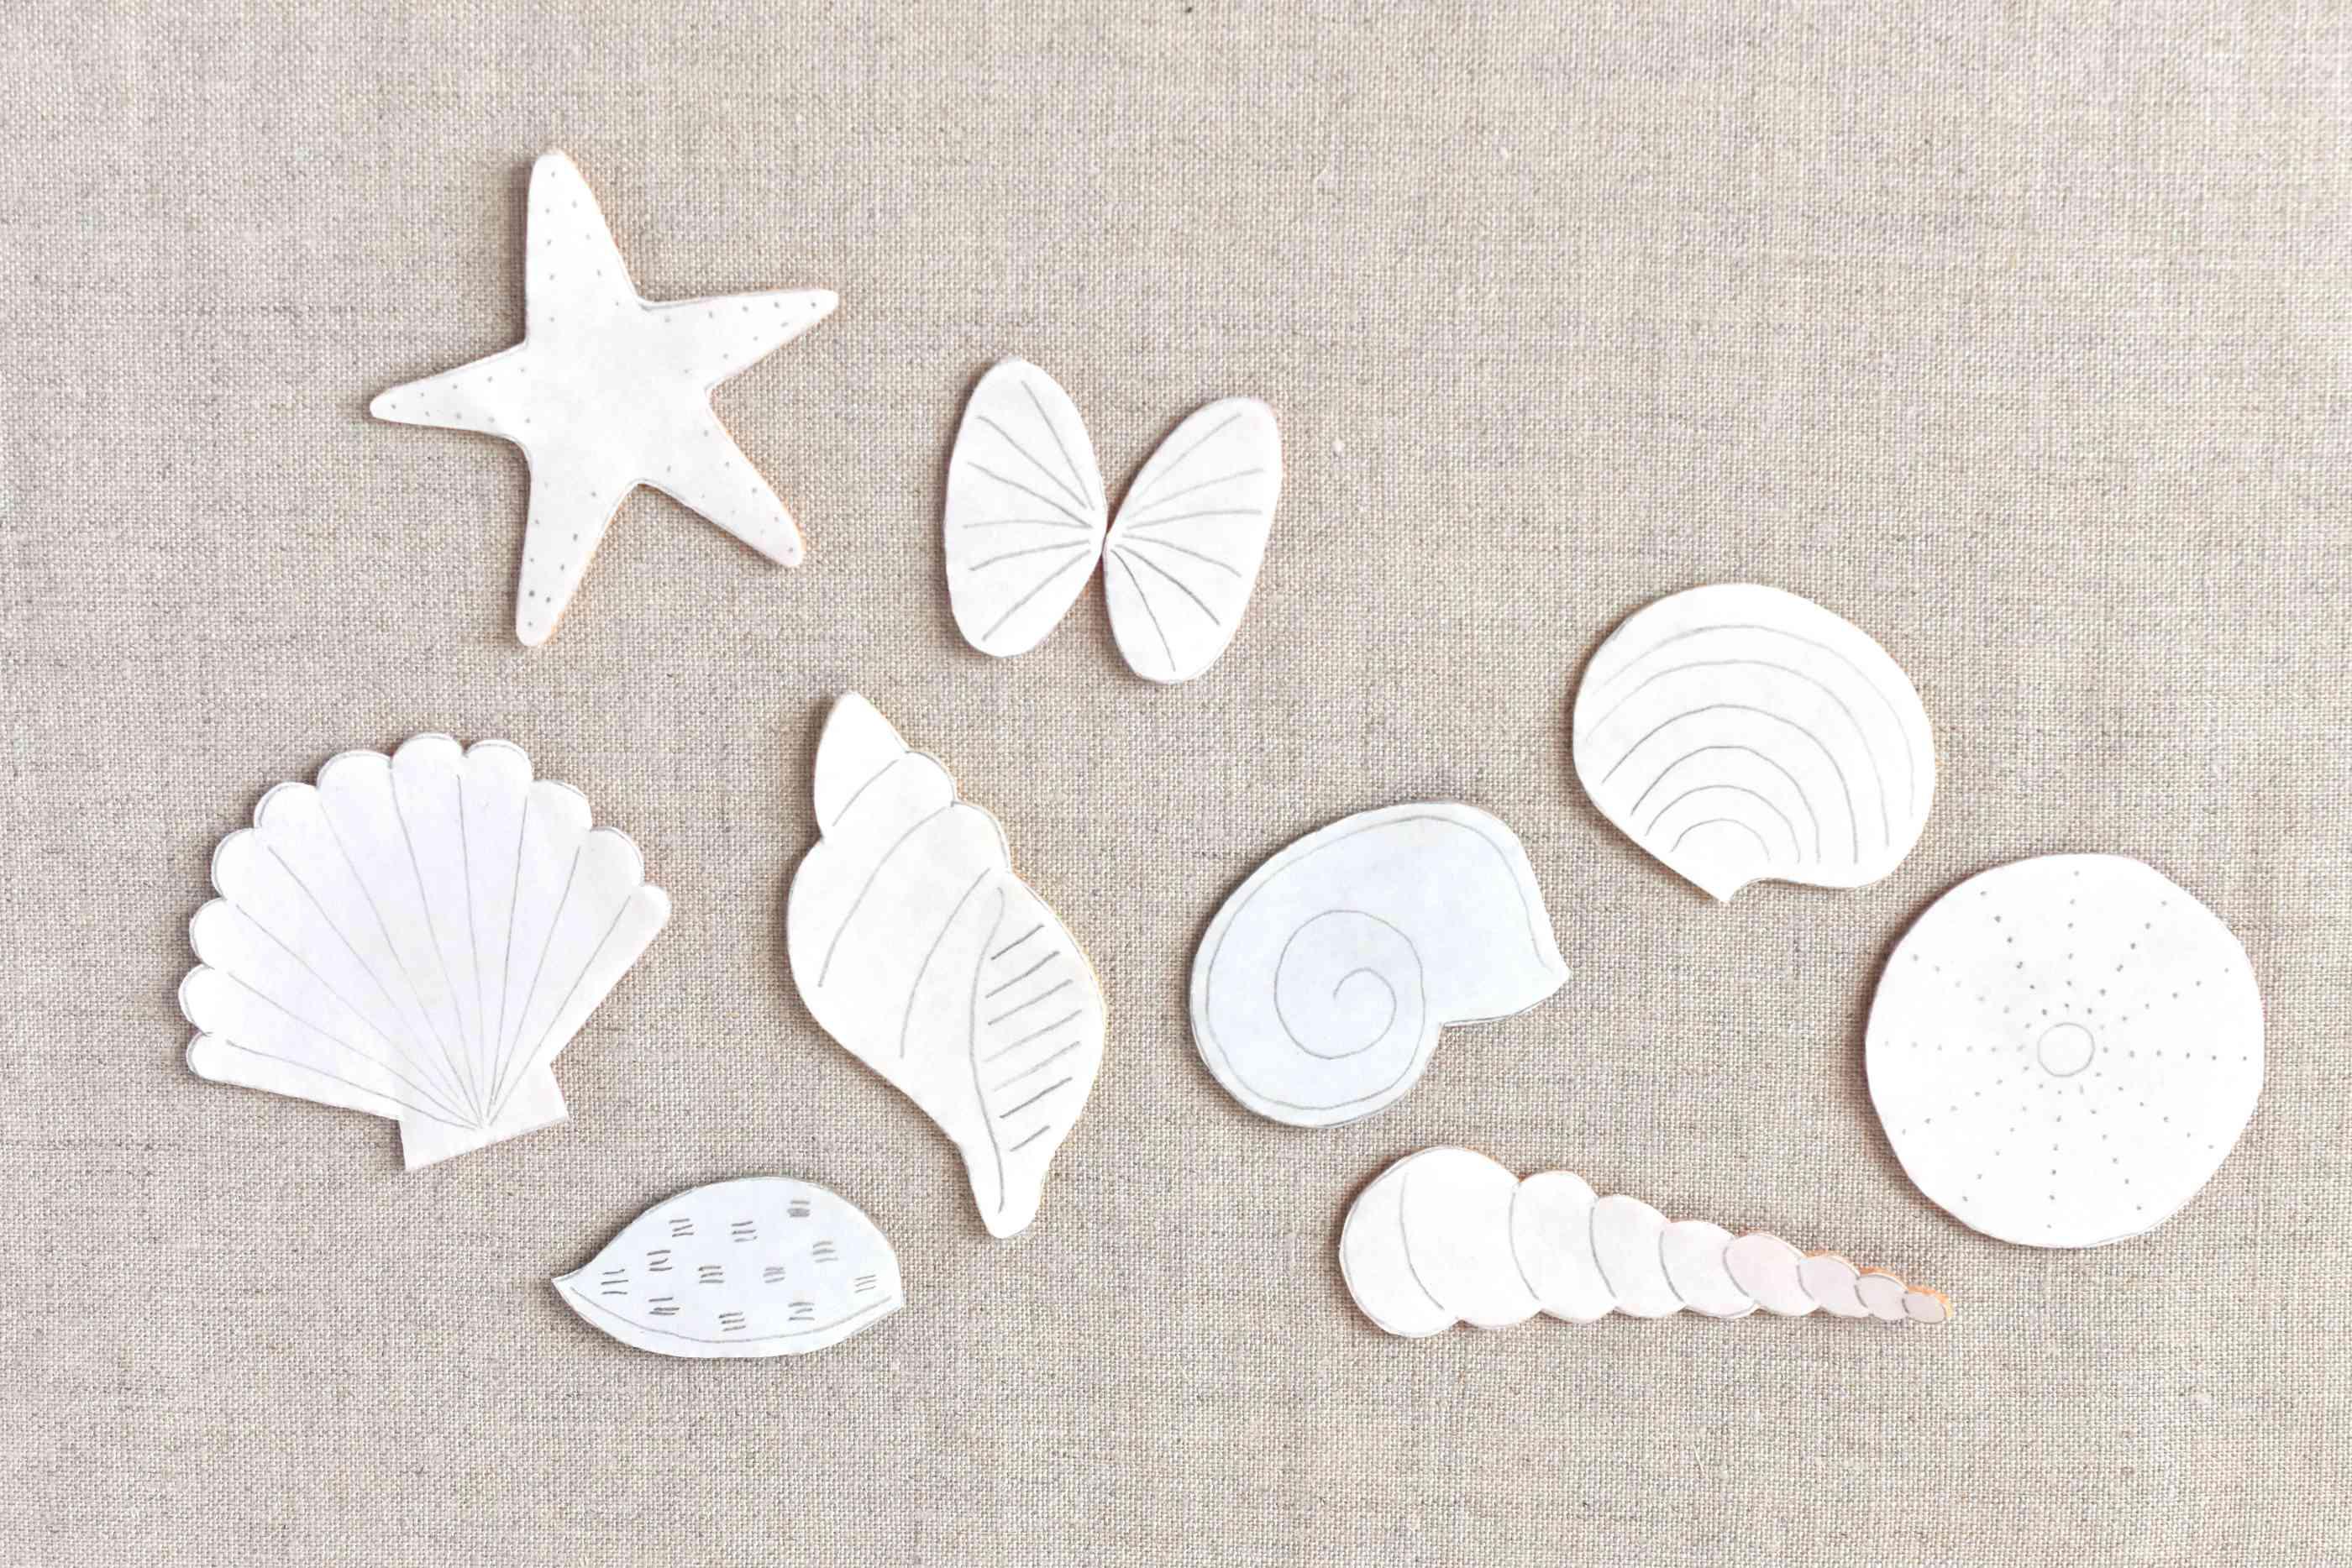 felt seashells arranged on fabric